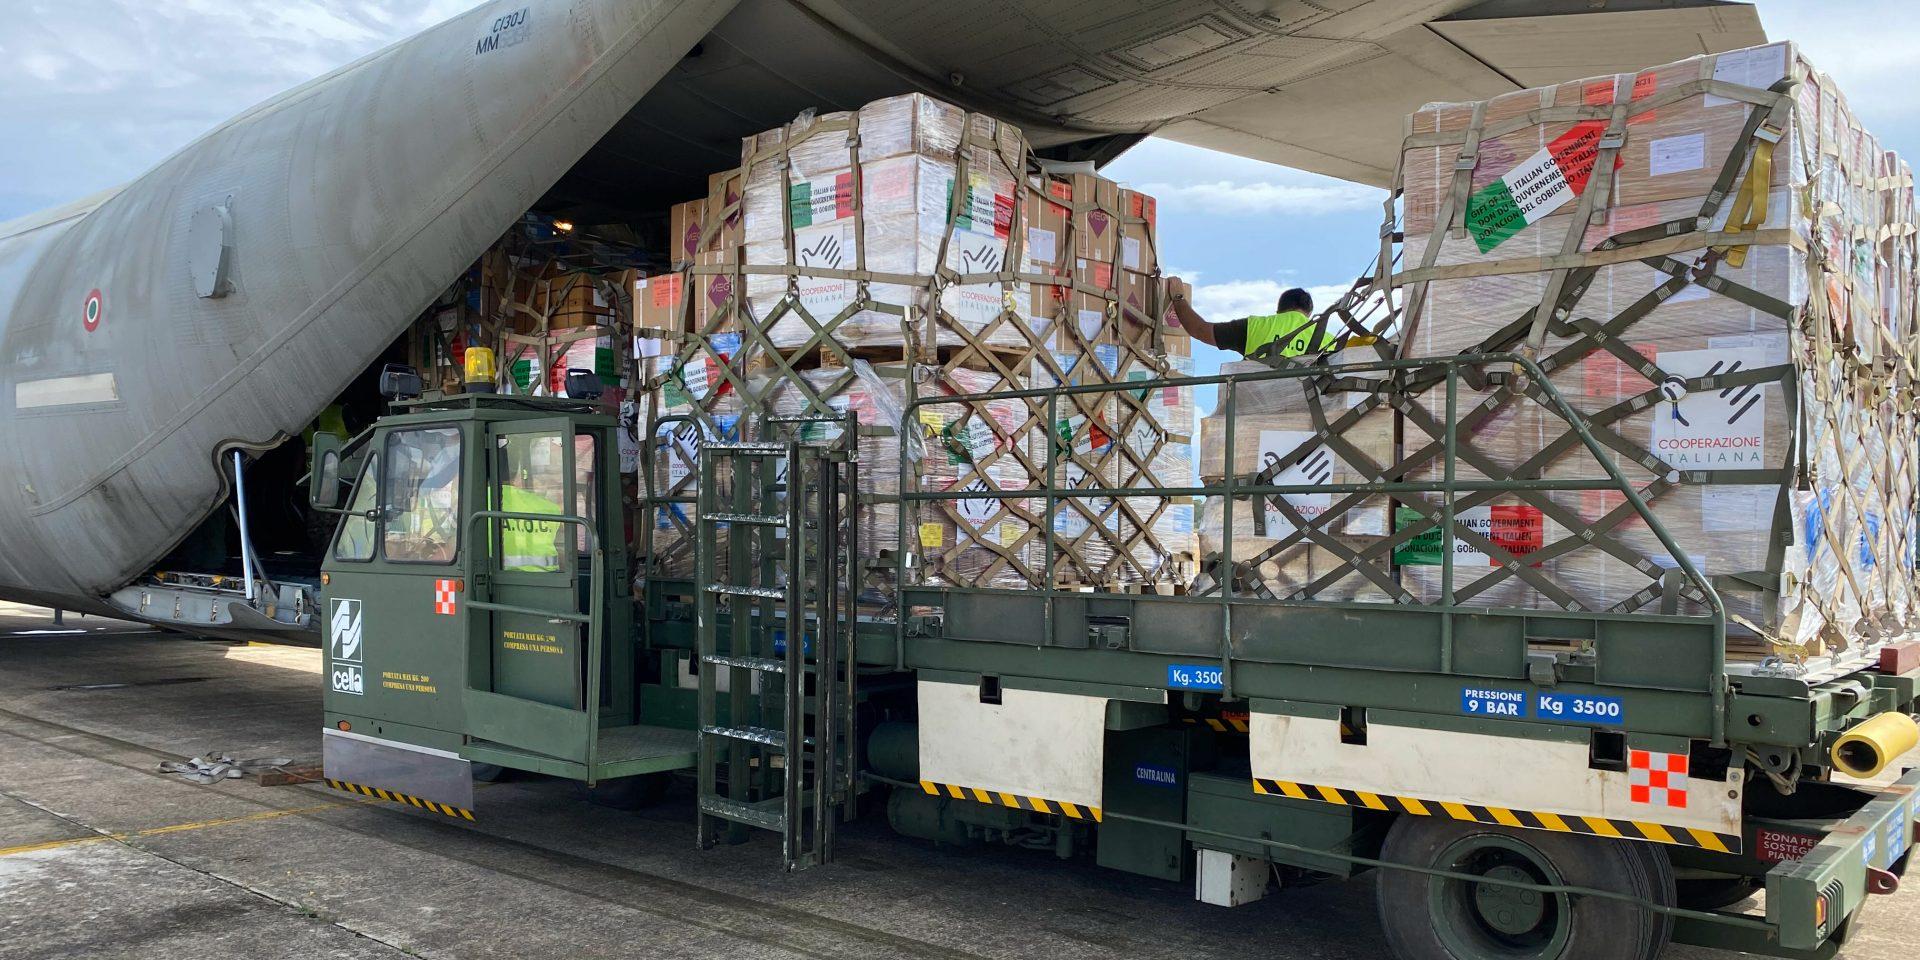 En last på 8,5 ton medicinsk utrustning som har donerats av det italienska utrikesdepartementet till Beirut, i Libanon, och skickats från FN:s livsmedelsprogram WFP, i Italien.